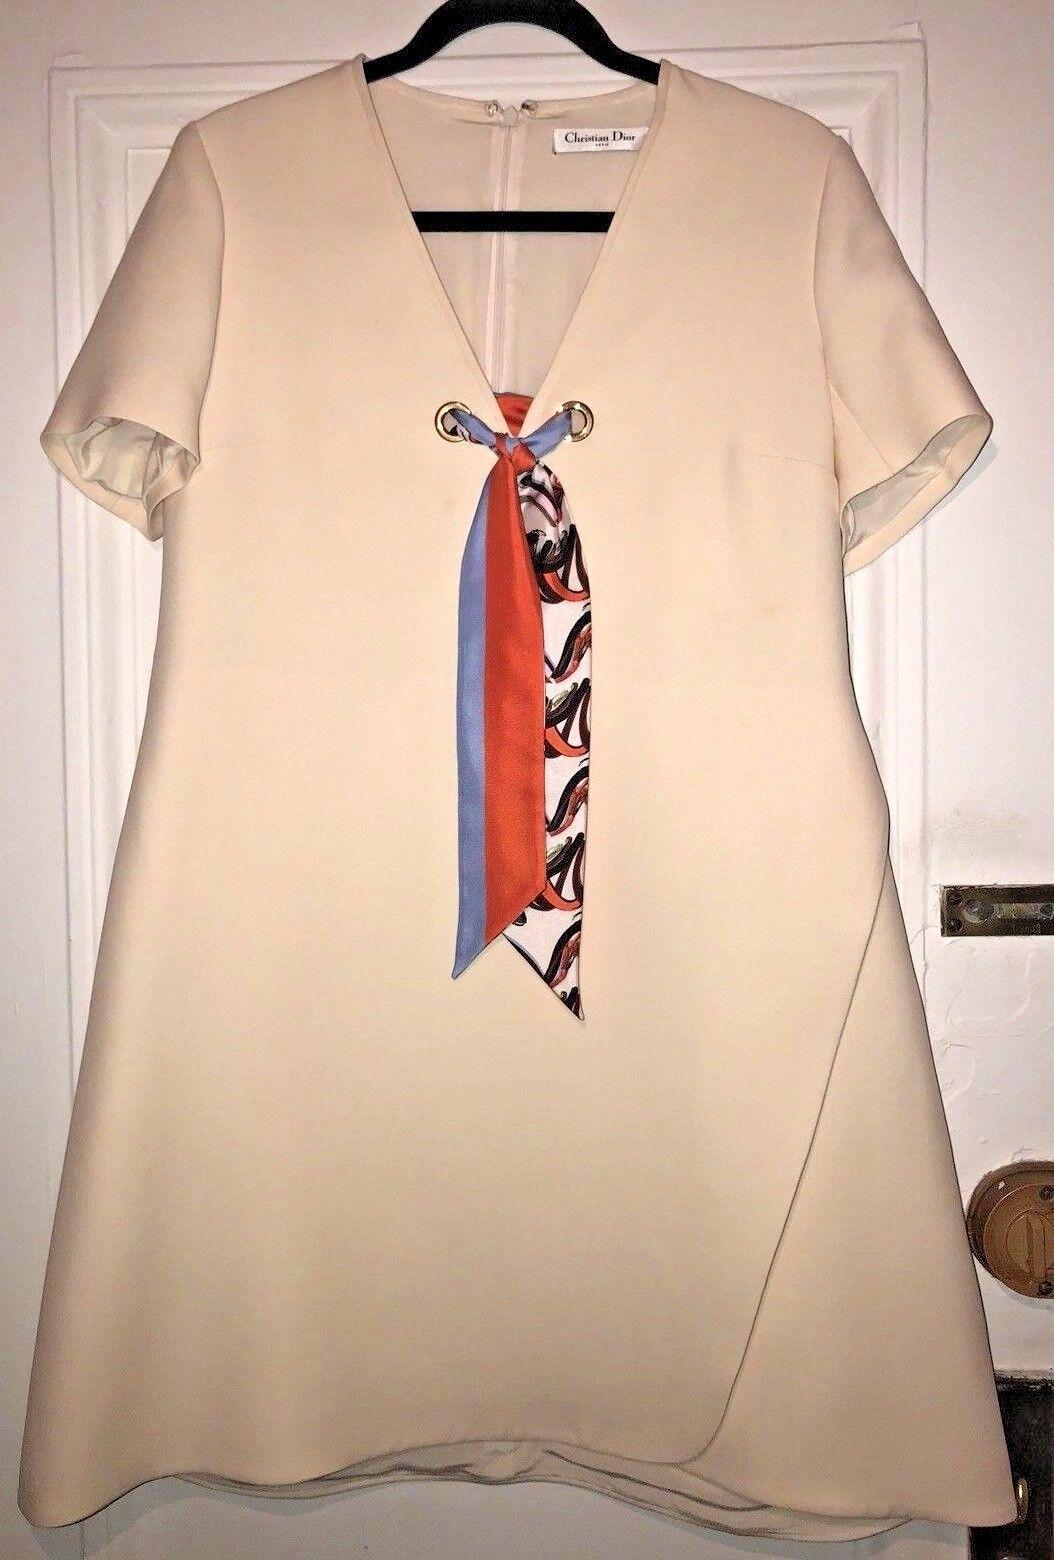 Christian Dior Cream Wool Silk Blend Short Sleeve Knee Length Dress USA Size 12